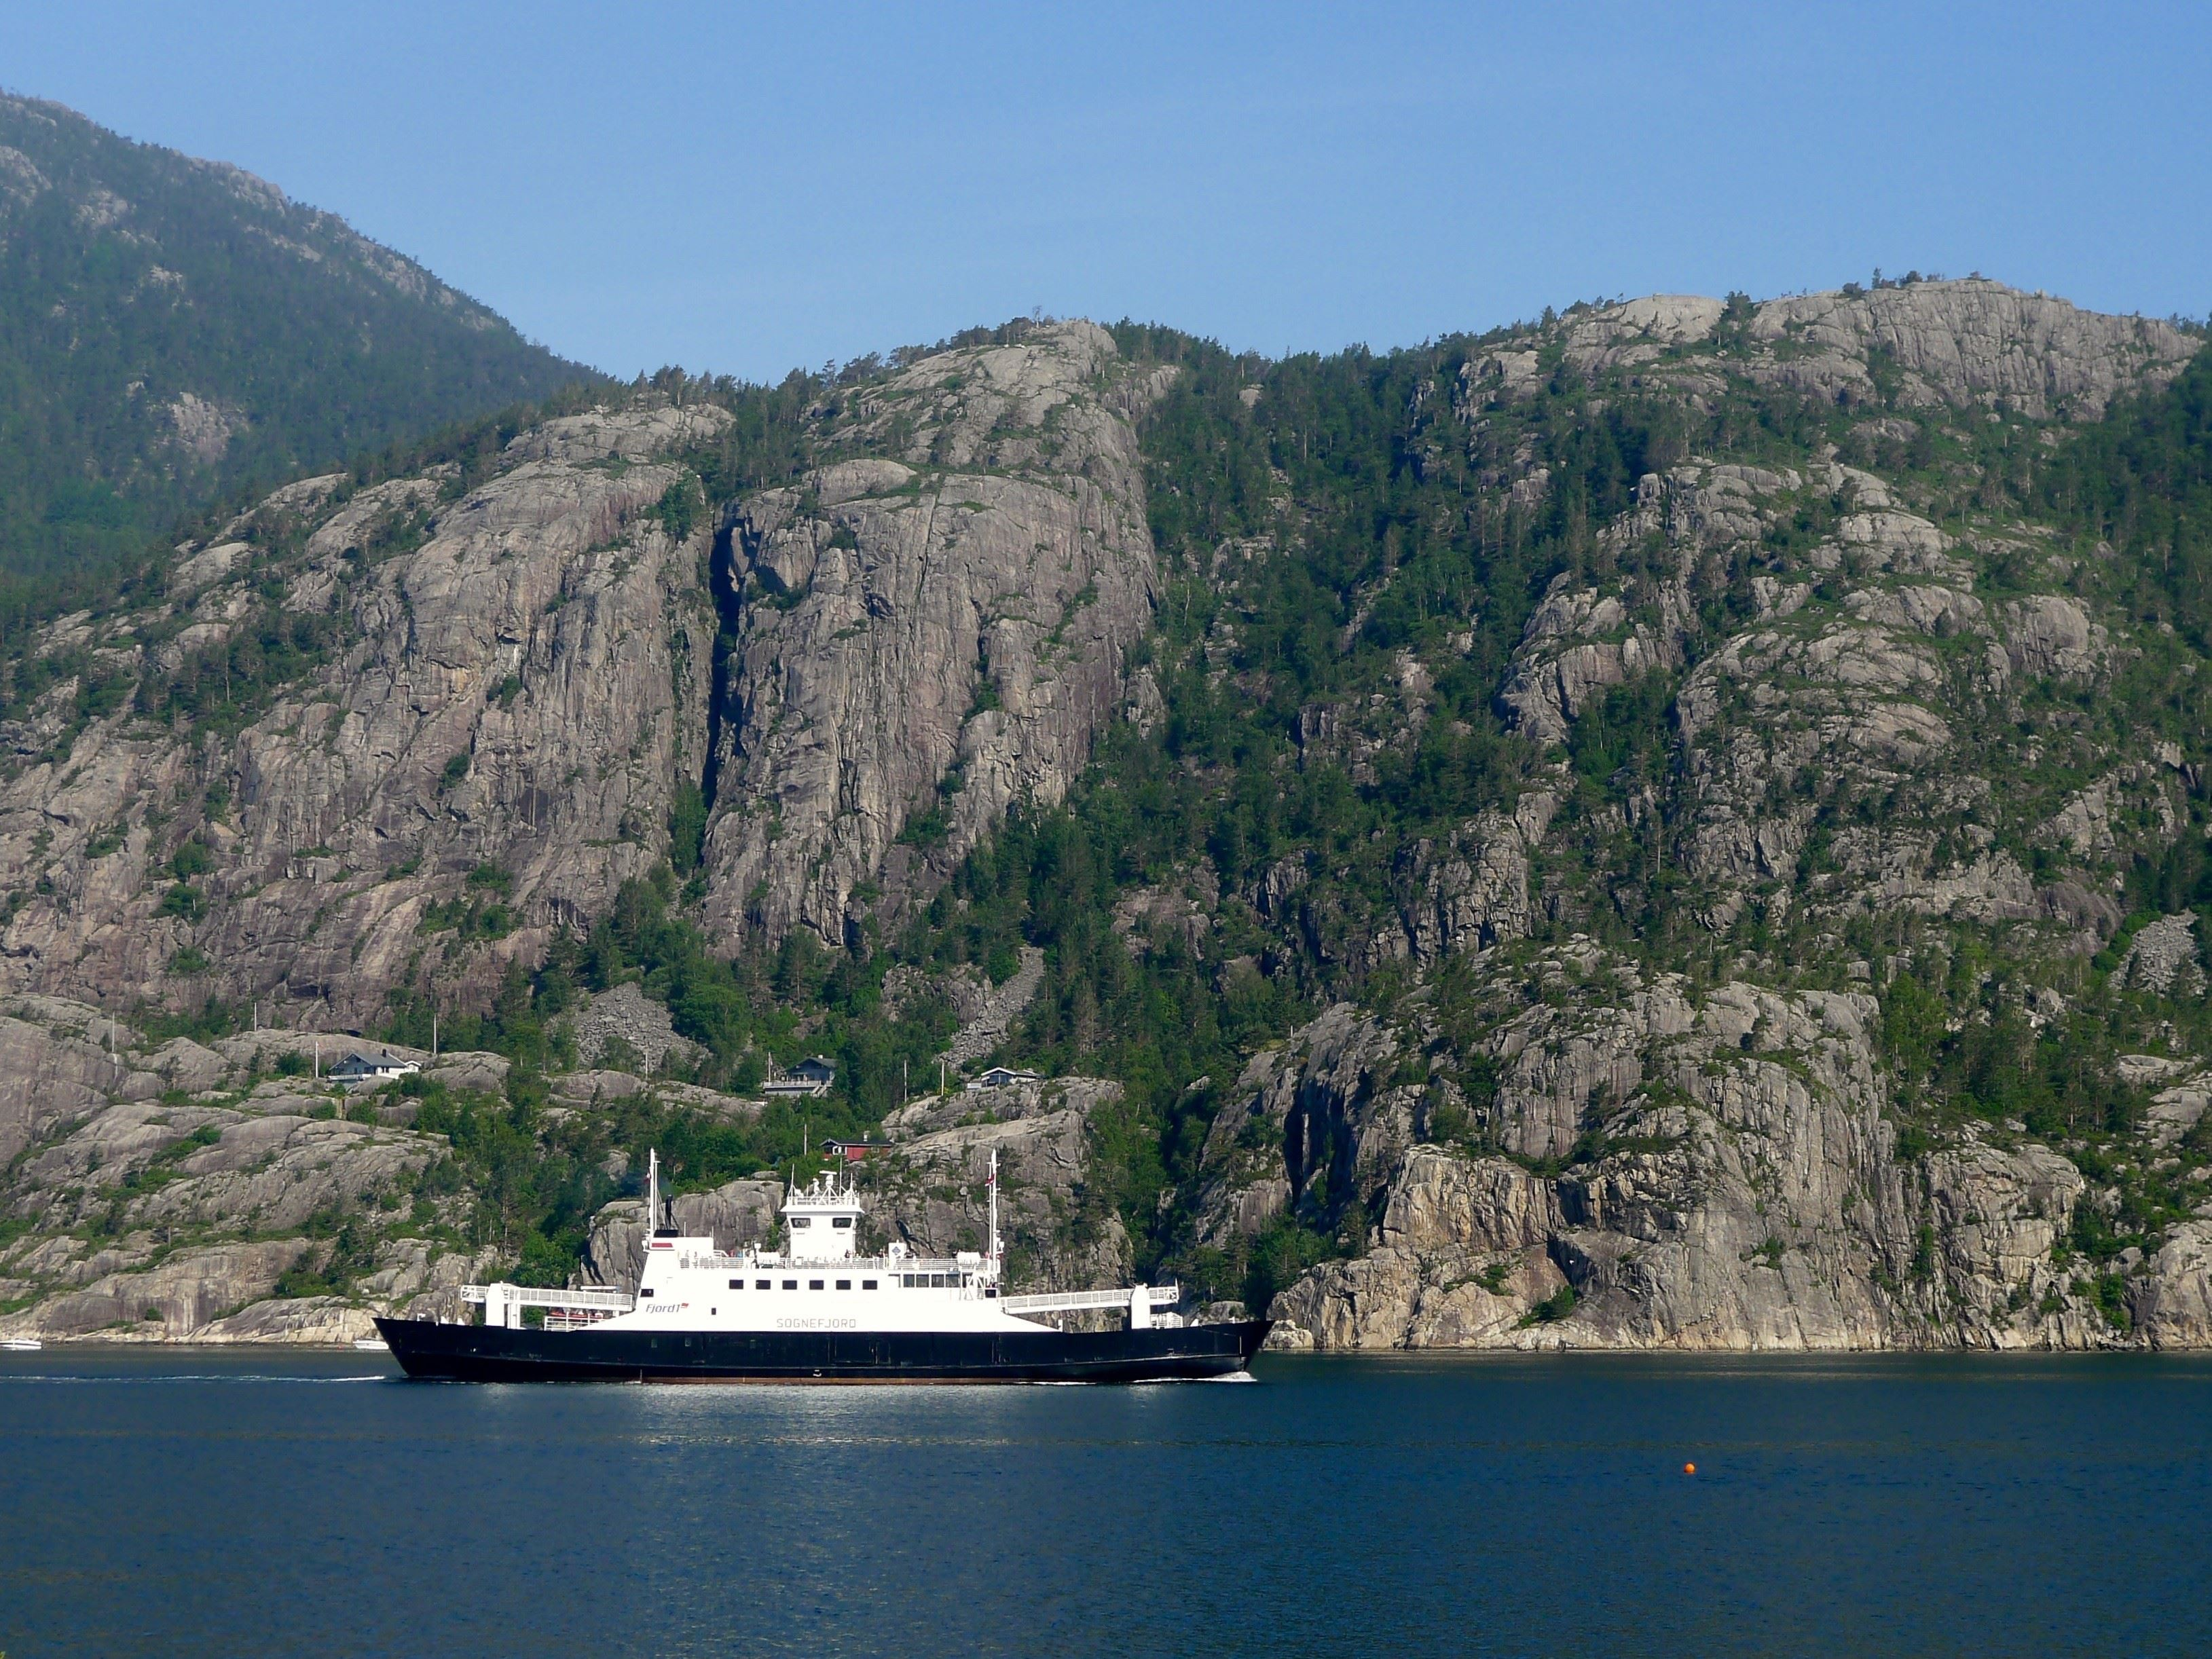 Fjord & Mountain tour in Lysefjord